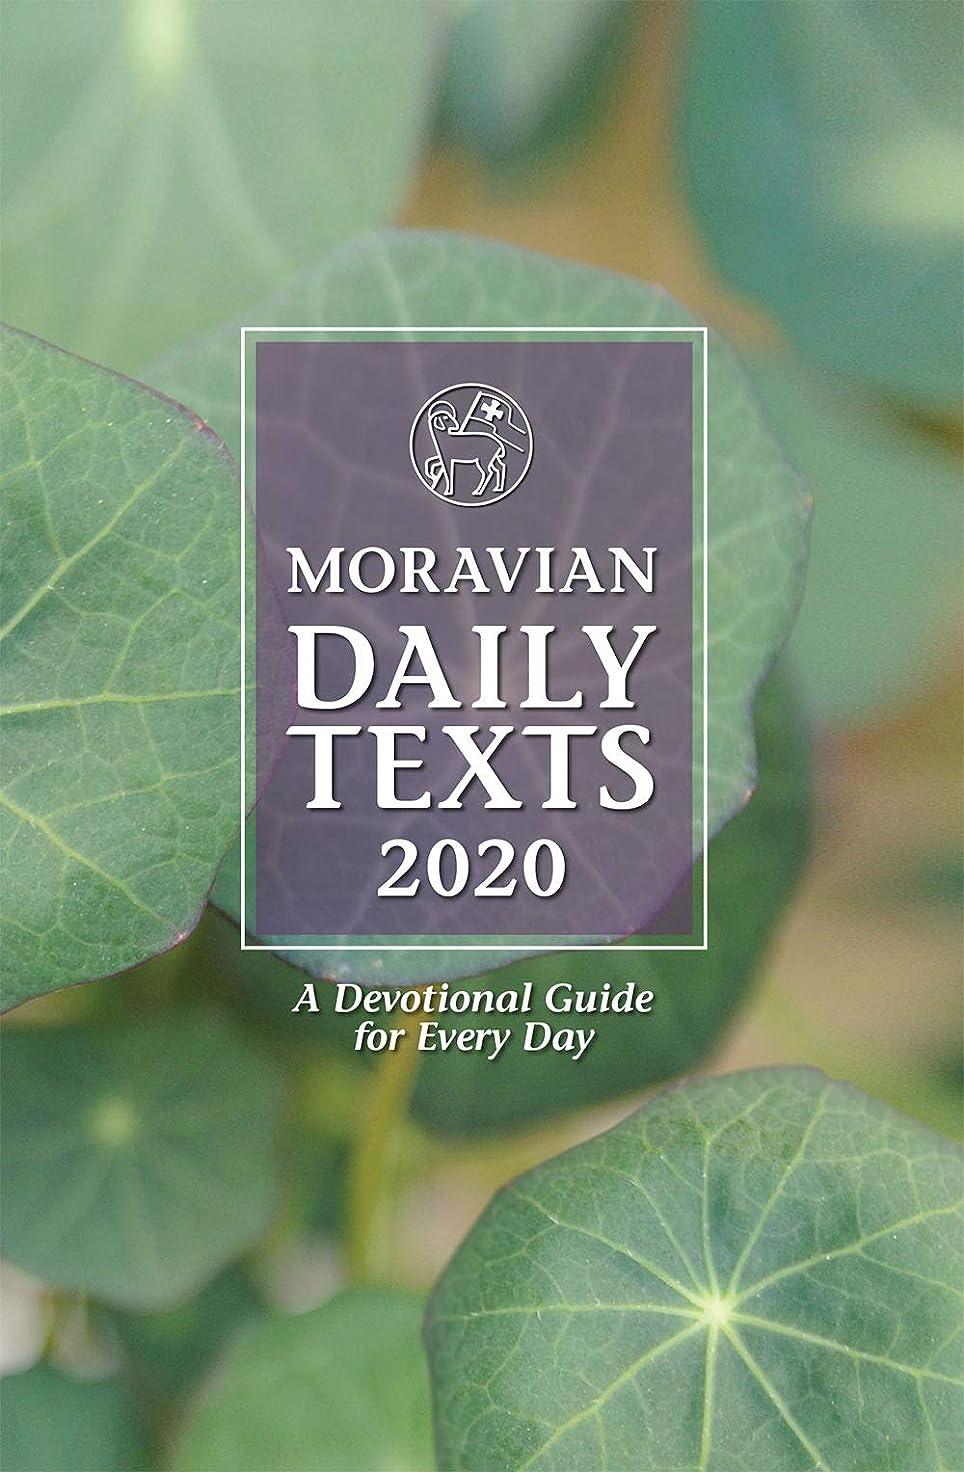 地殻権限を与えるアークMoravian Daily Texts 2020 North American Edition: A Devotional Guide for Every Day (English Edition)